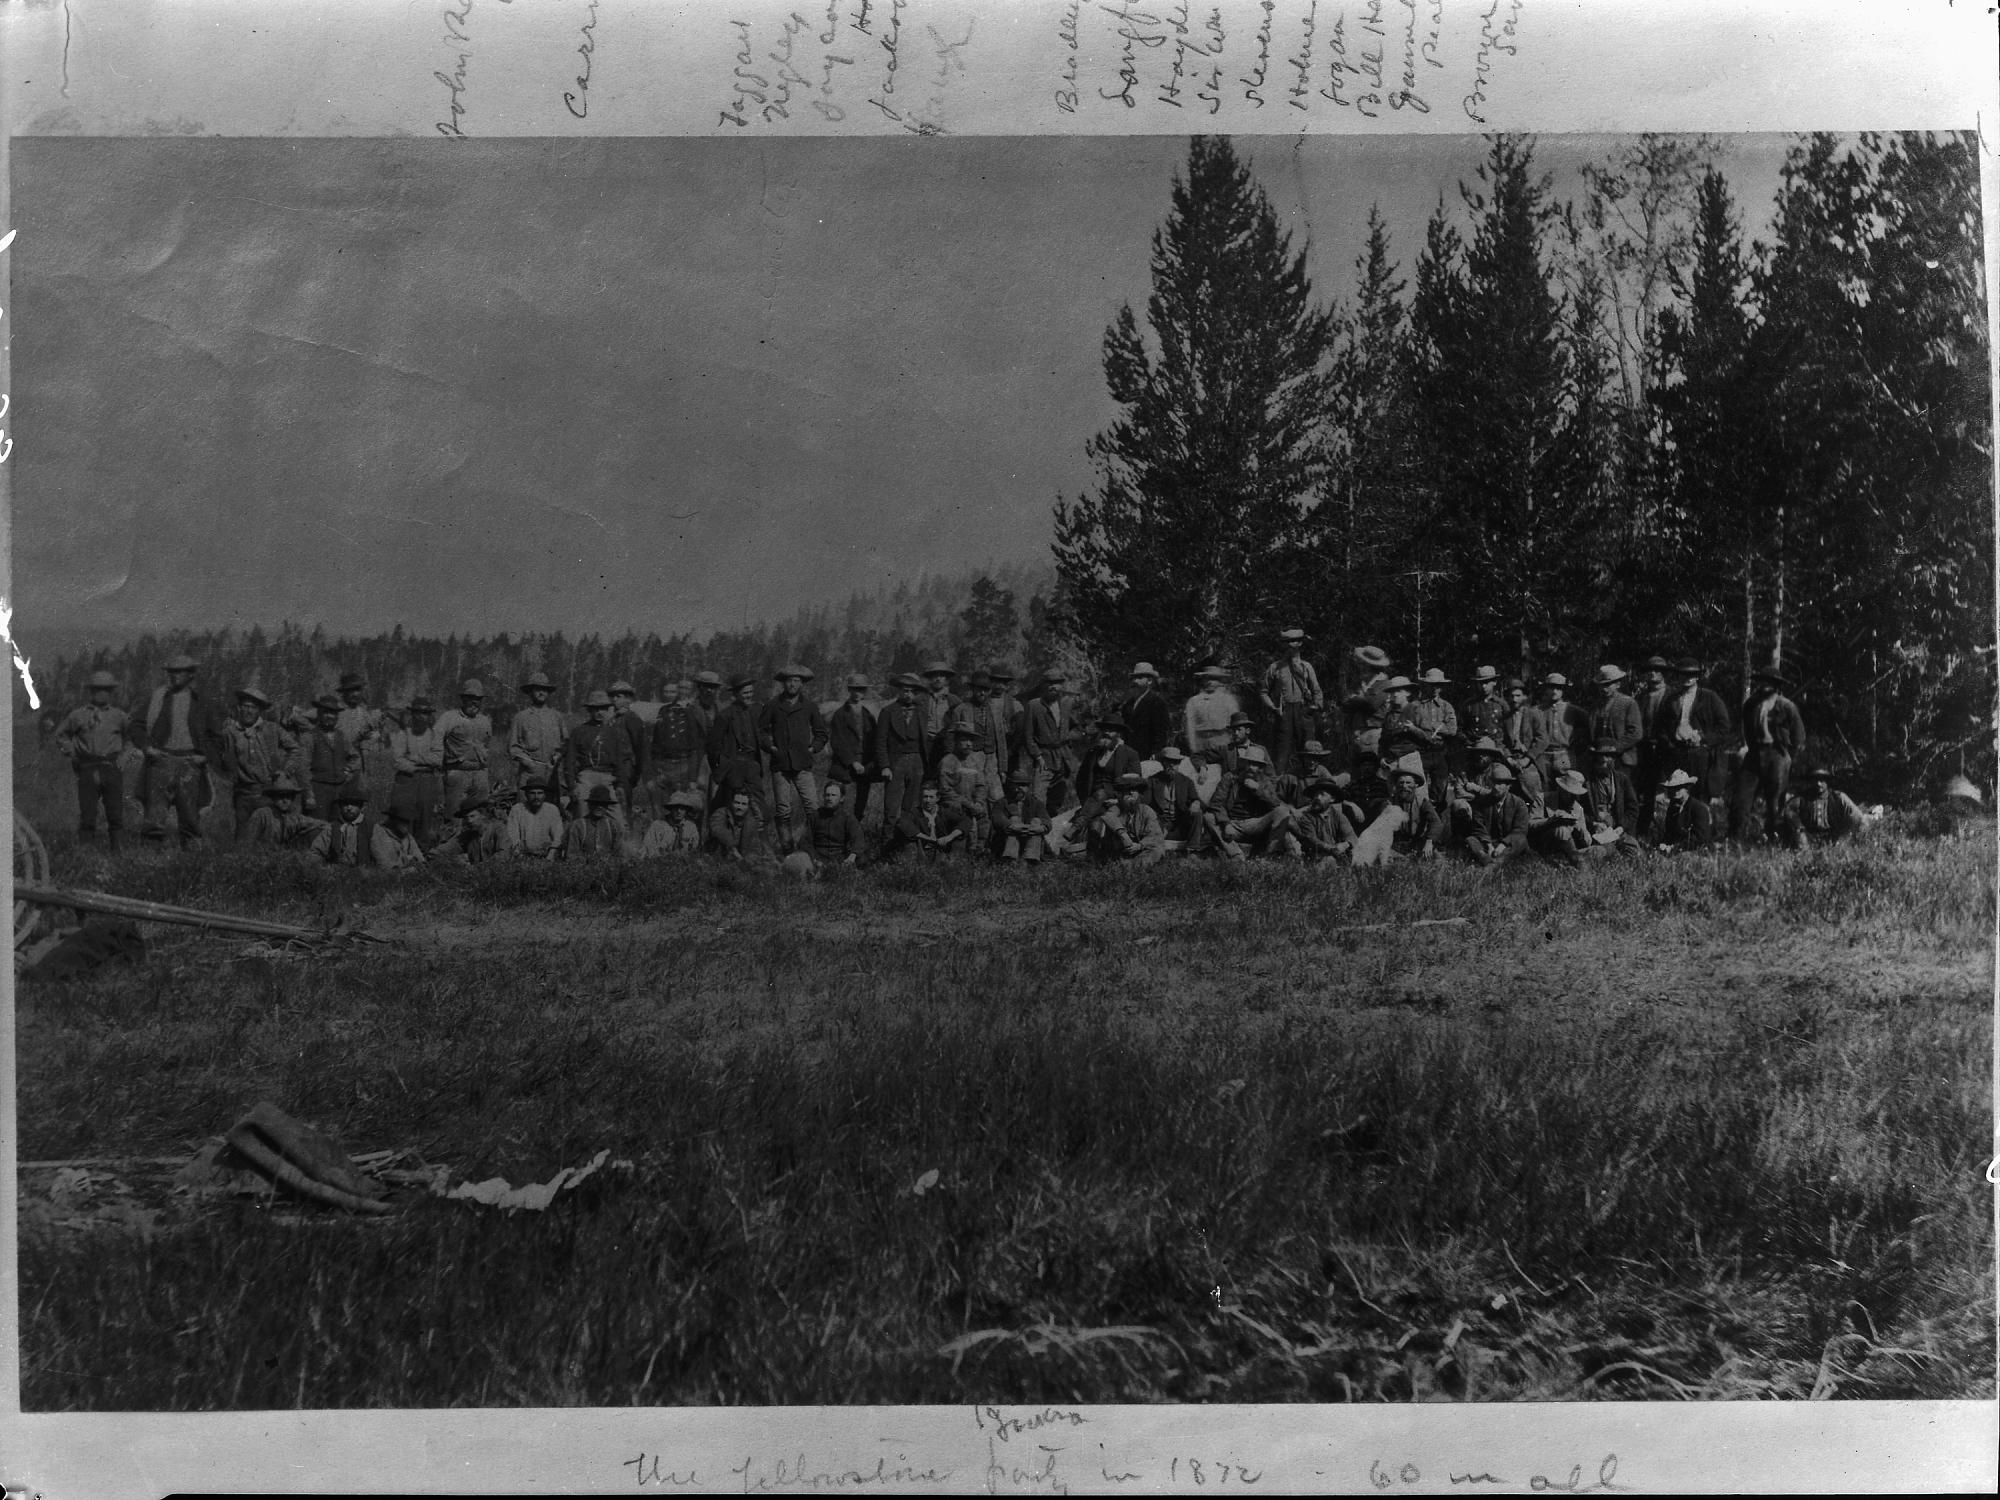 Hayden Survey Party, 1872. 8920-C or MAH-8920C.